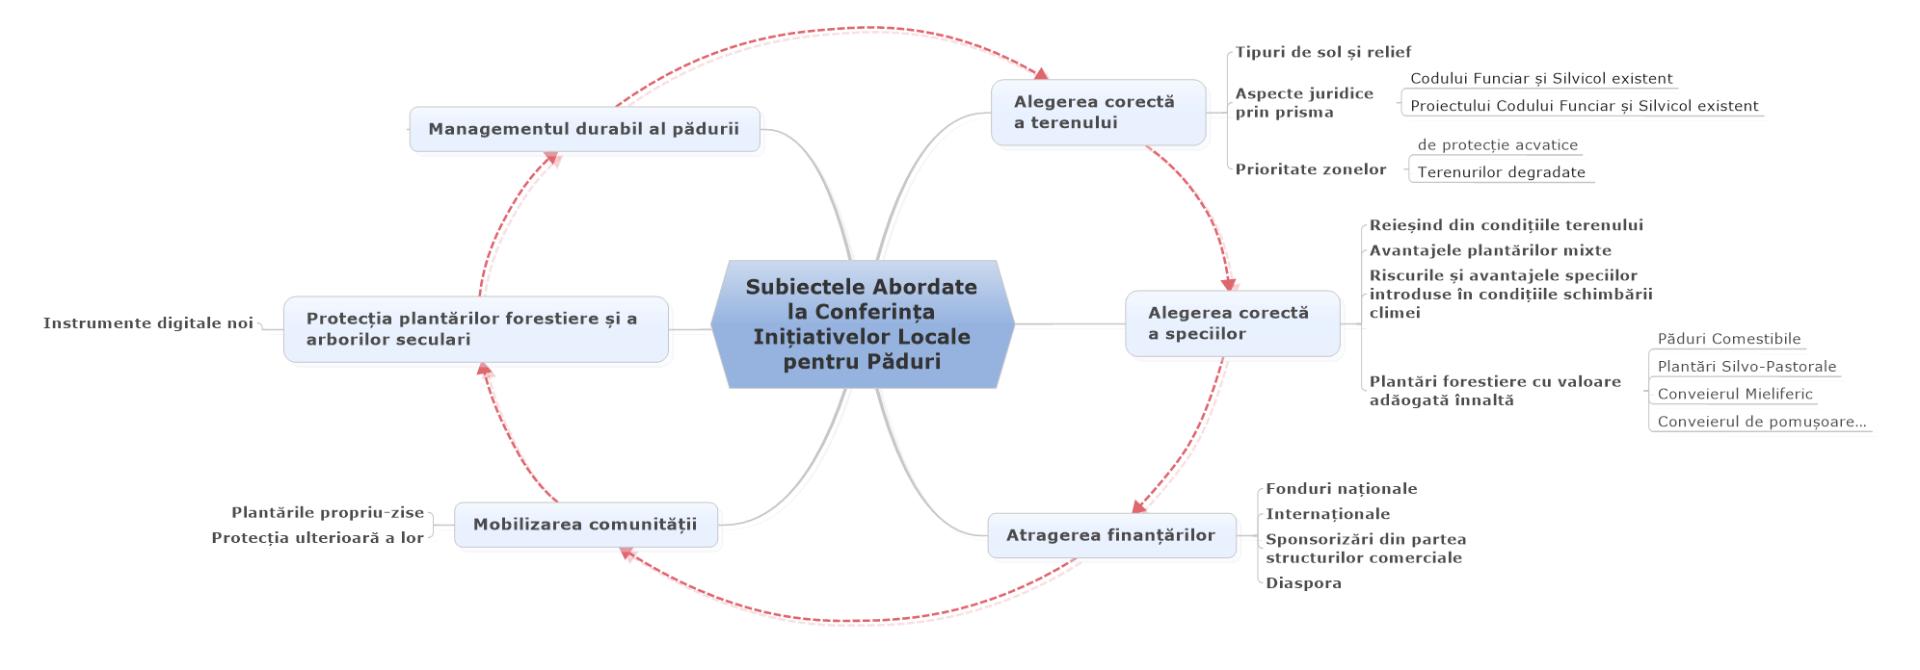 Subiecte abordate la prima ediție a Conferintei Initiativelor Locale pentru Paduri